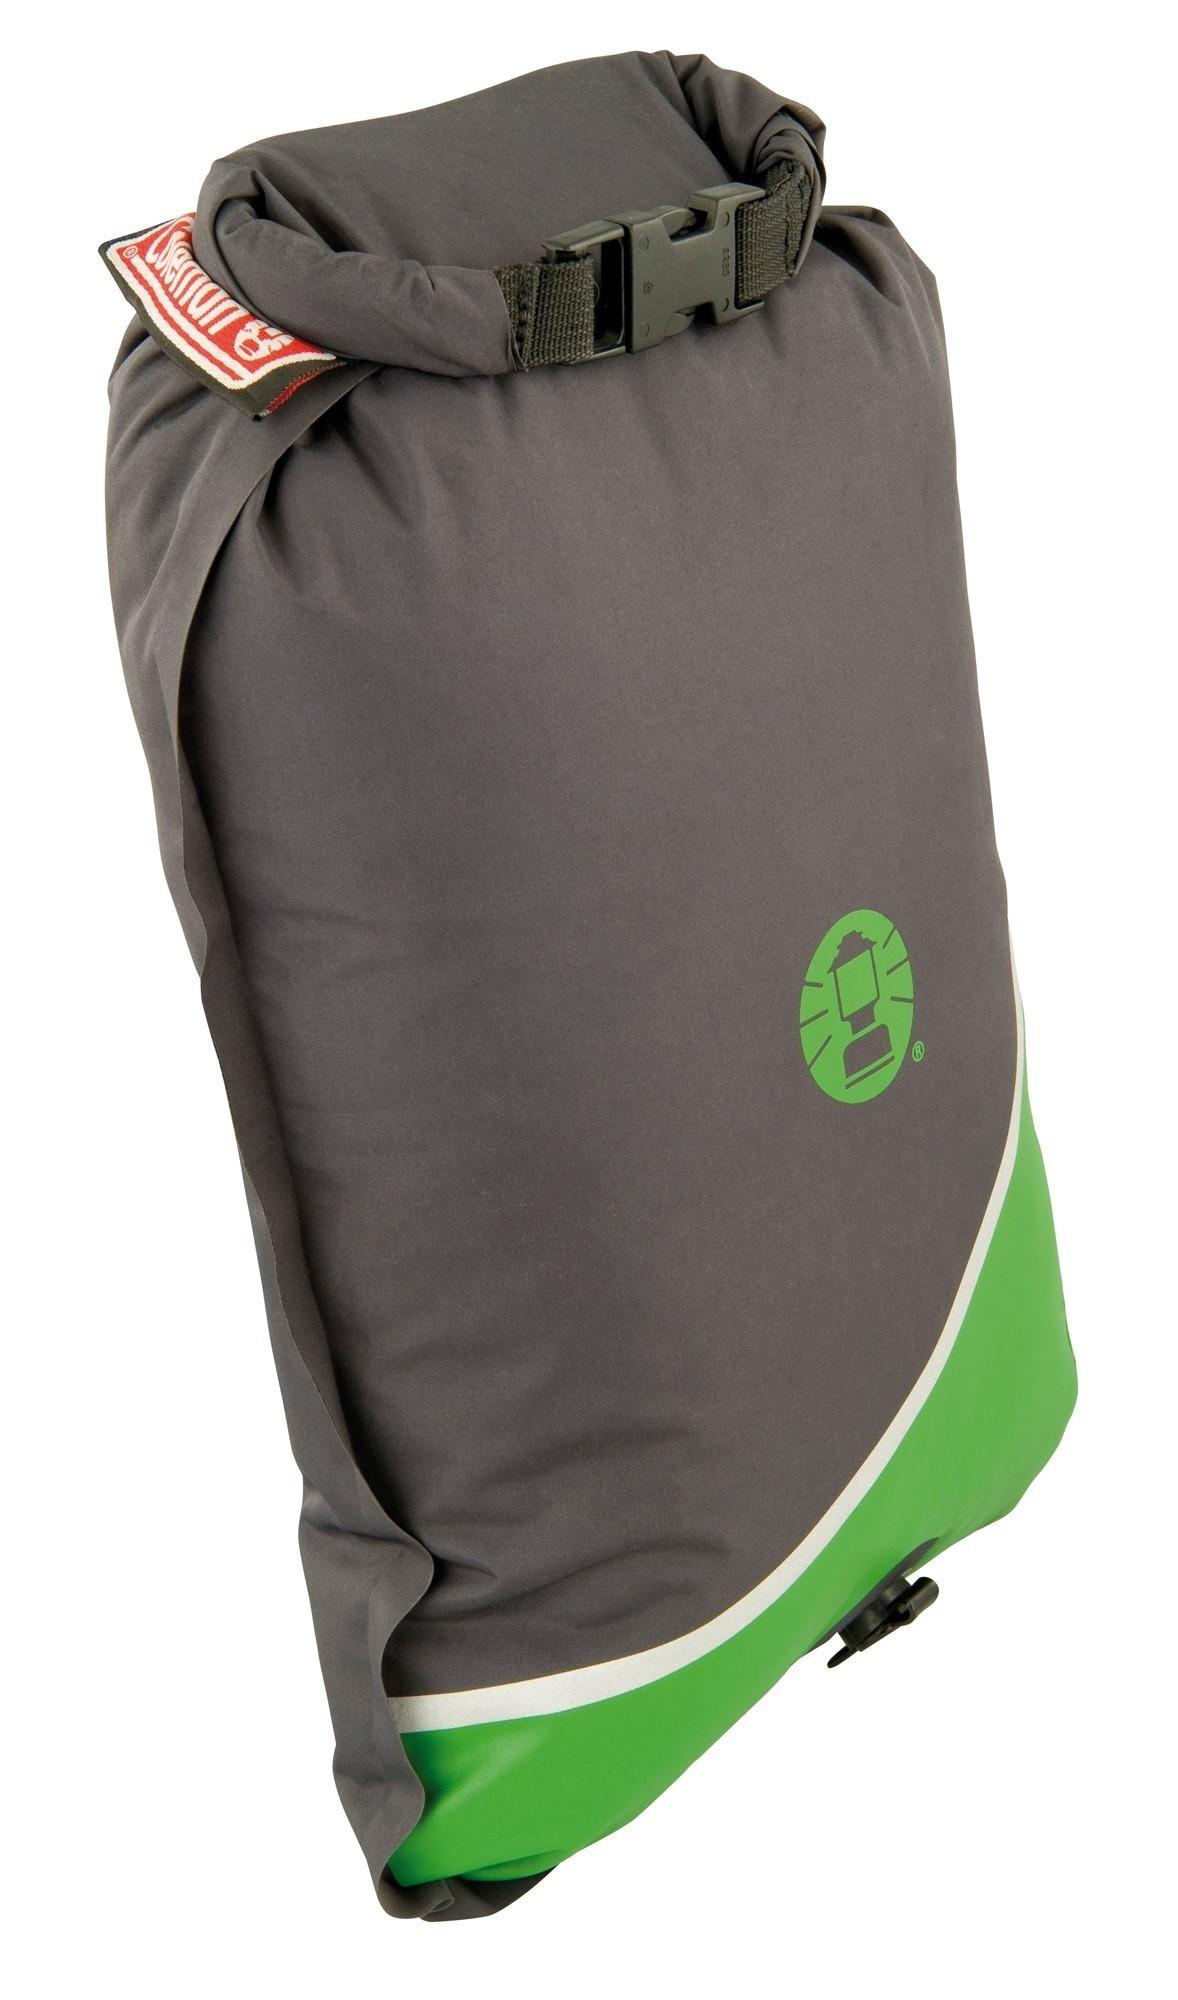 Schlafsack / Mumienschlafsack Coleman Biker 220x80x55cm grau/grün Bild 2